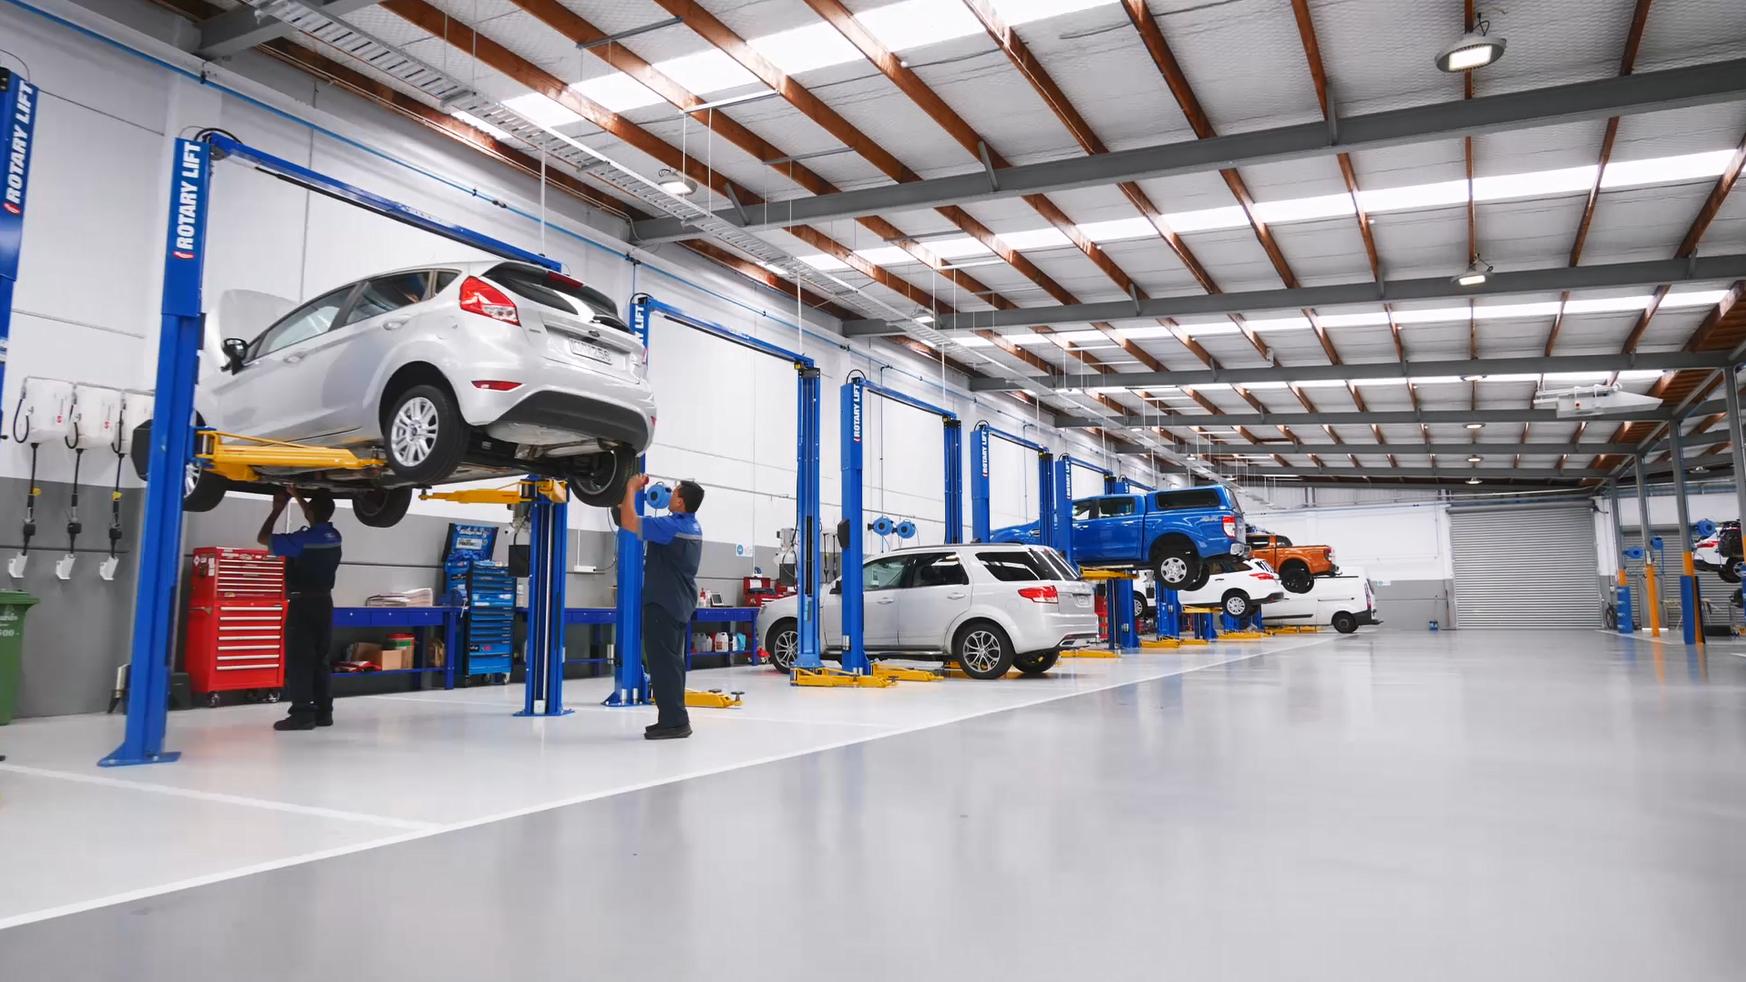 Ford service center - showcase / explainer